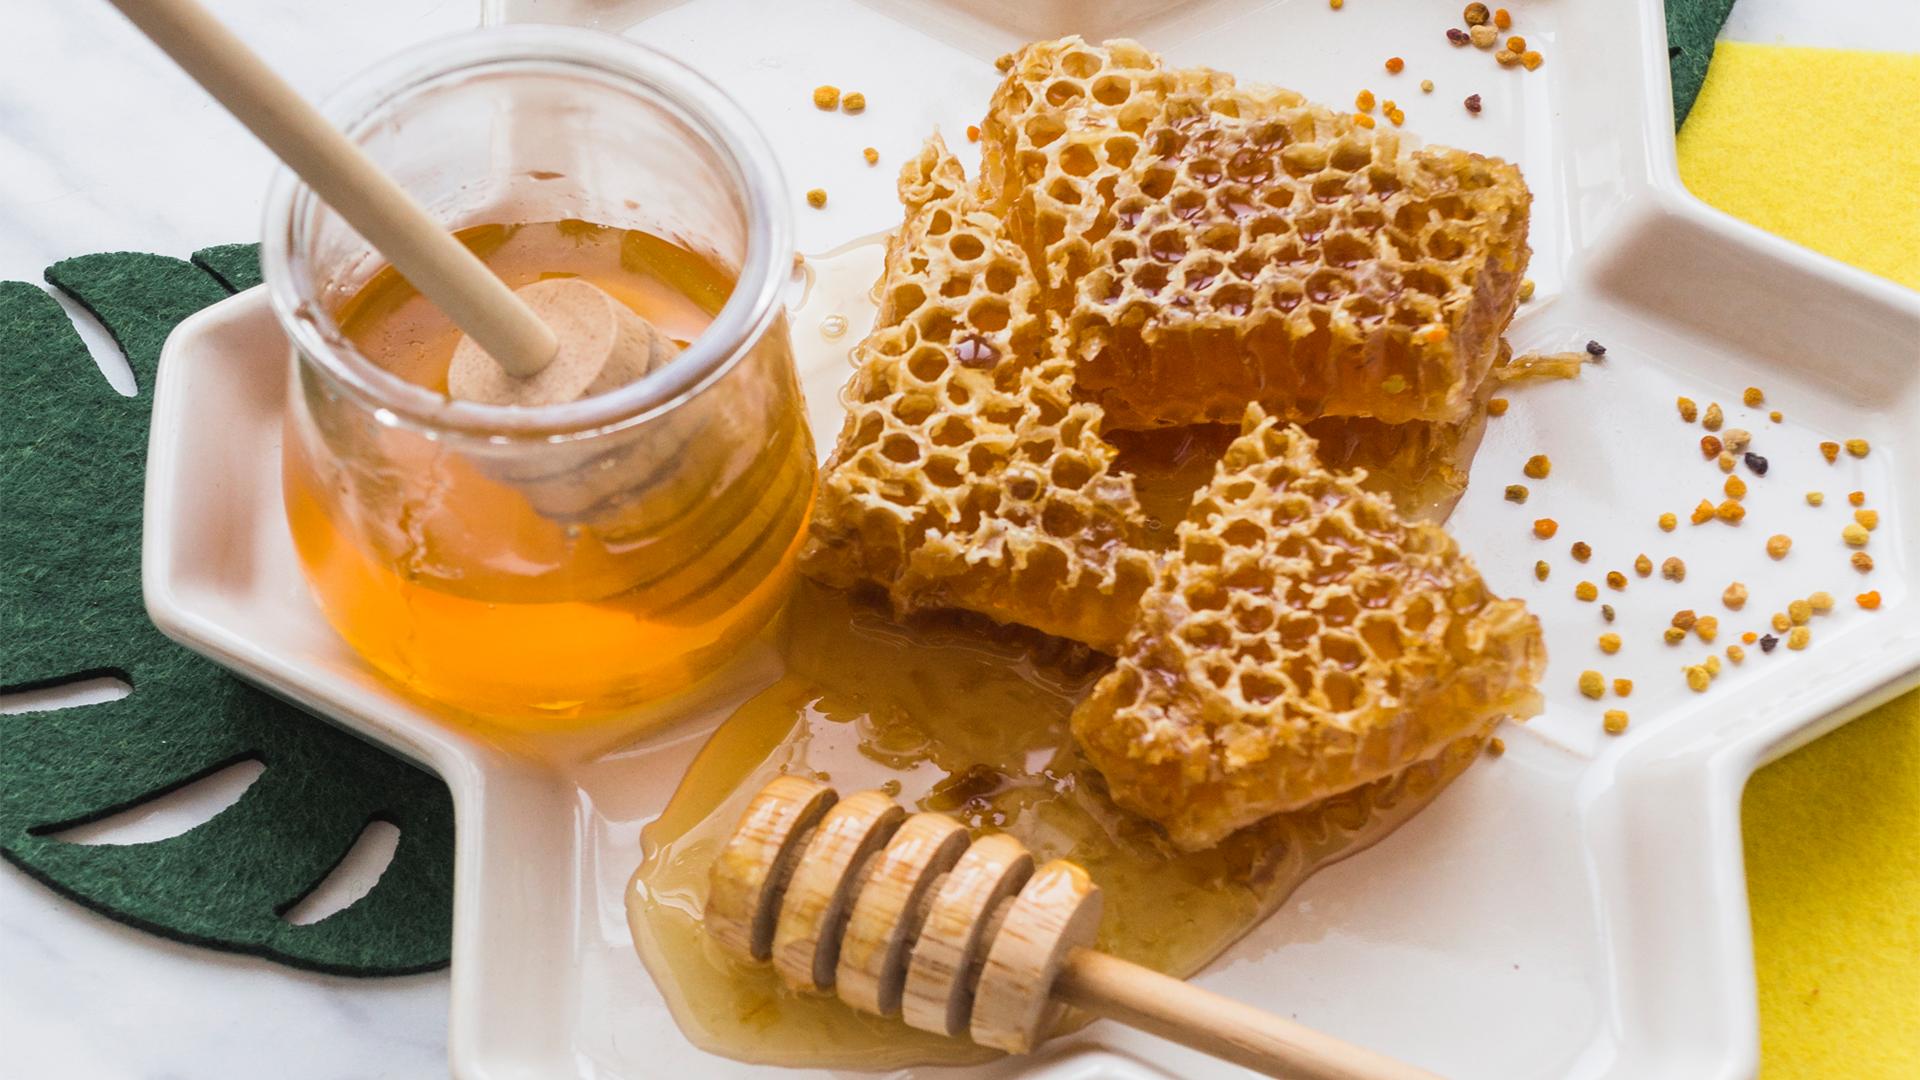 Mjalti më i mirë se antibiotiku për kollën akute